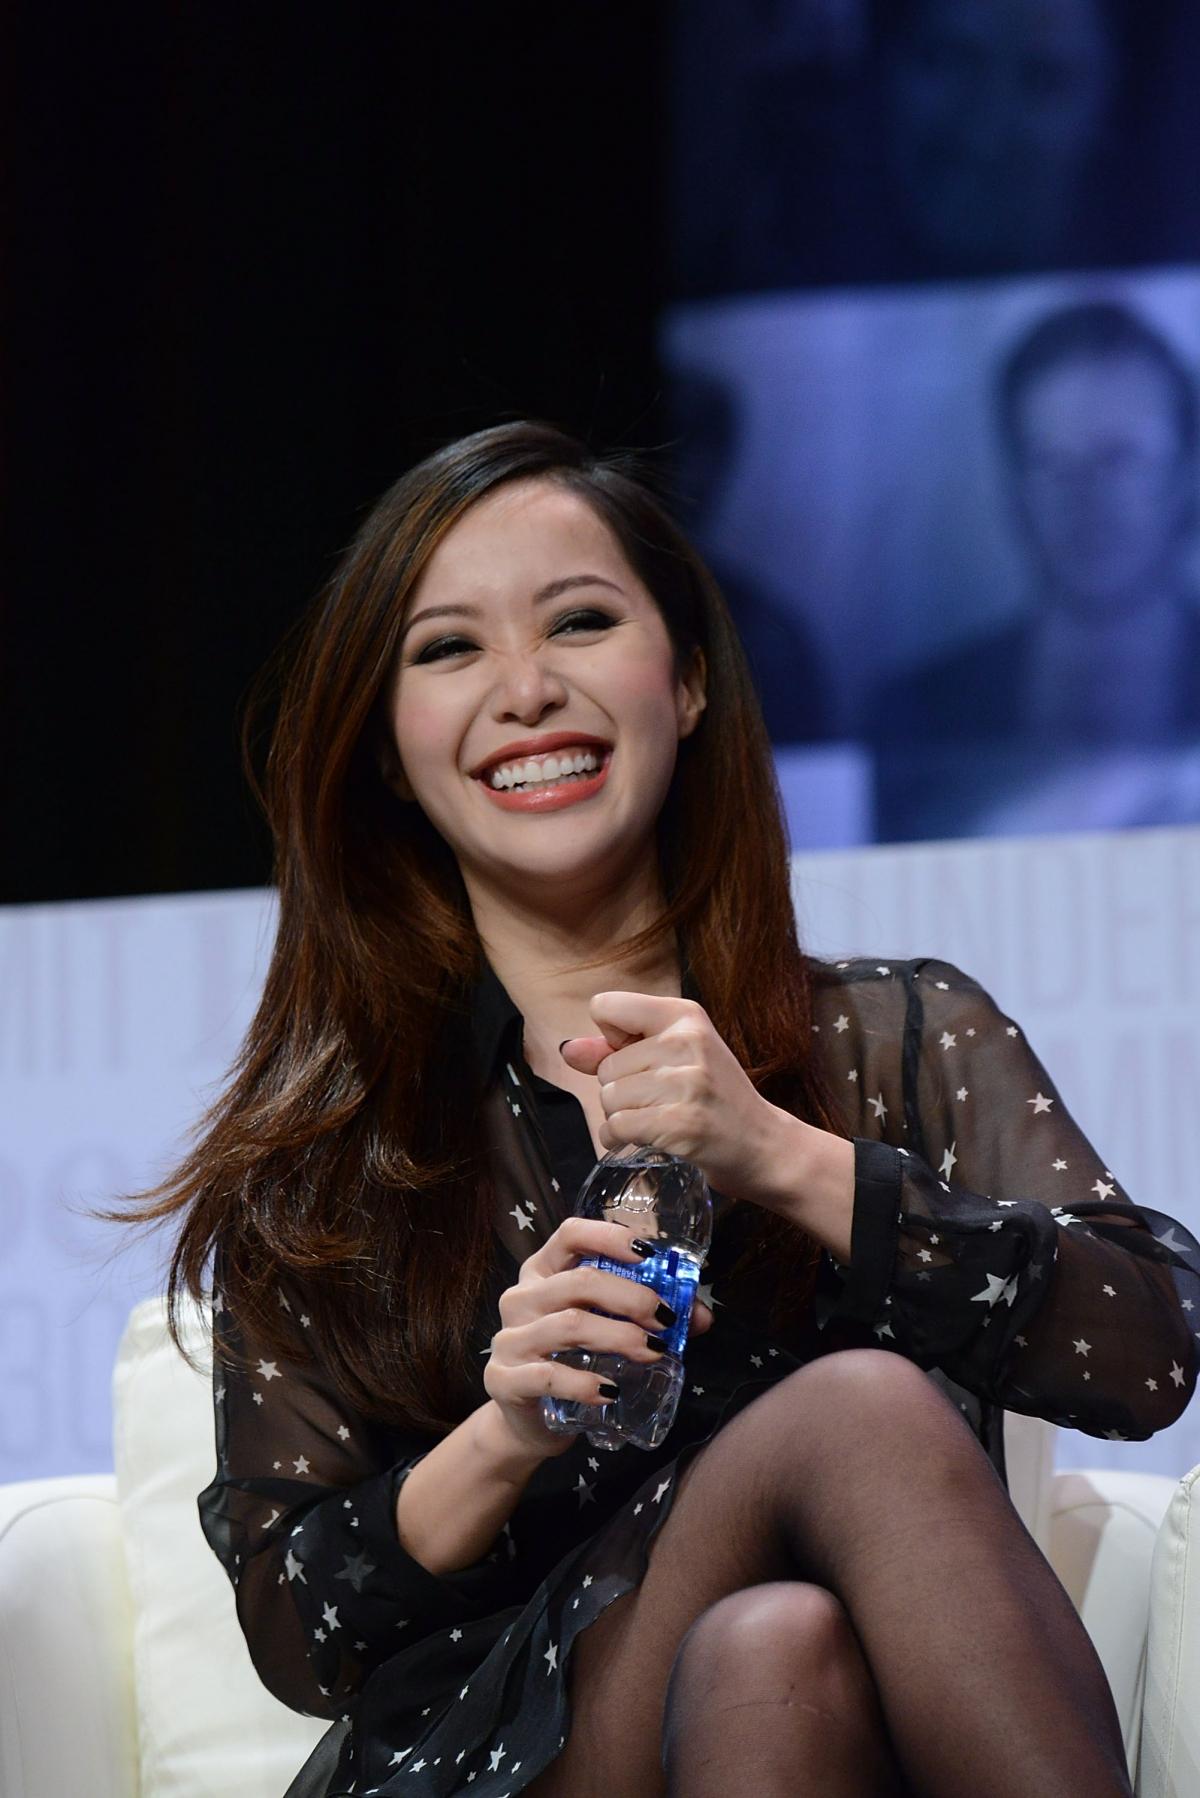 Michelle Phan Named One Of YouTube's Highest-earning